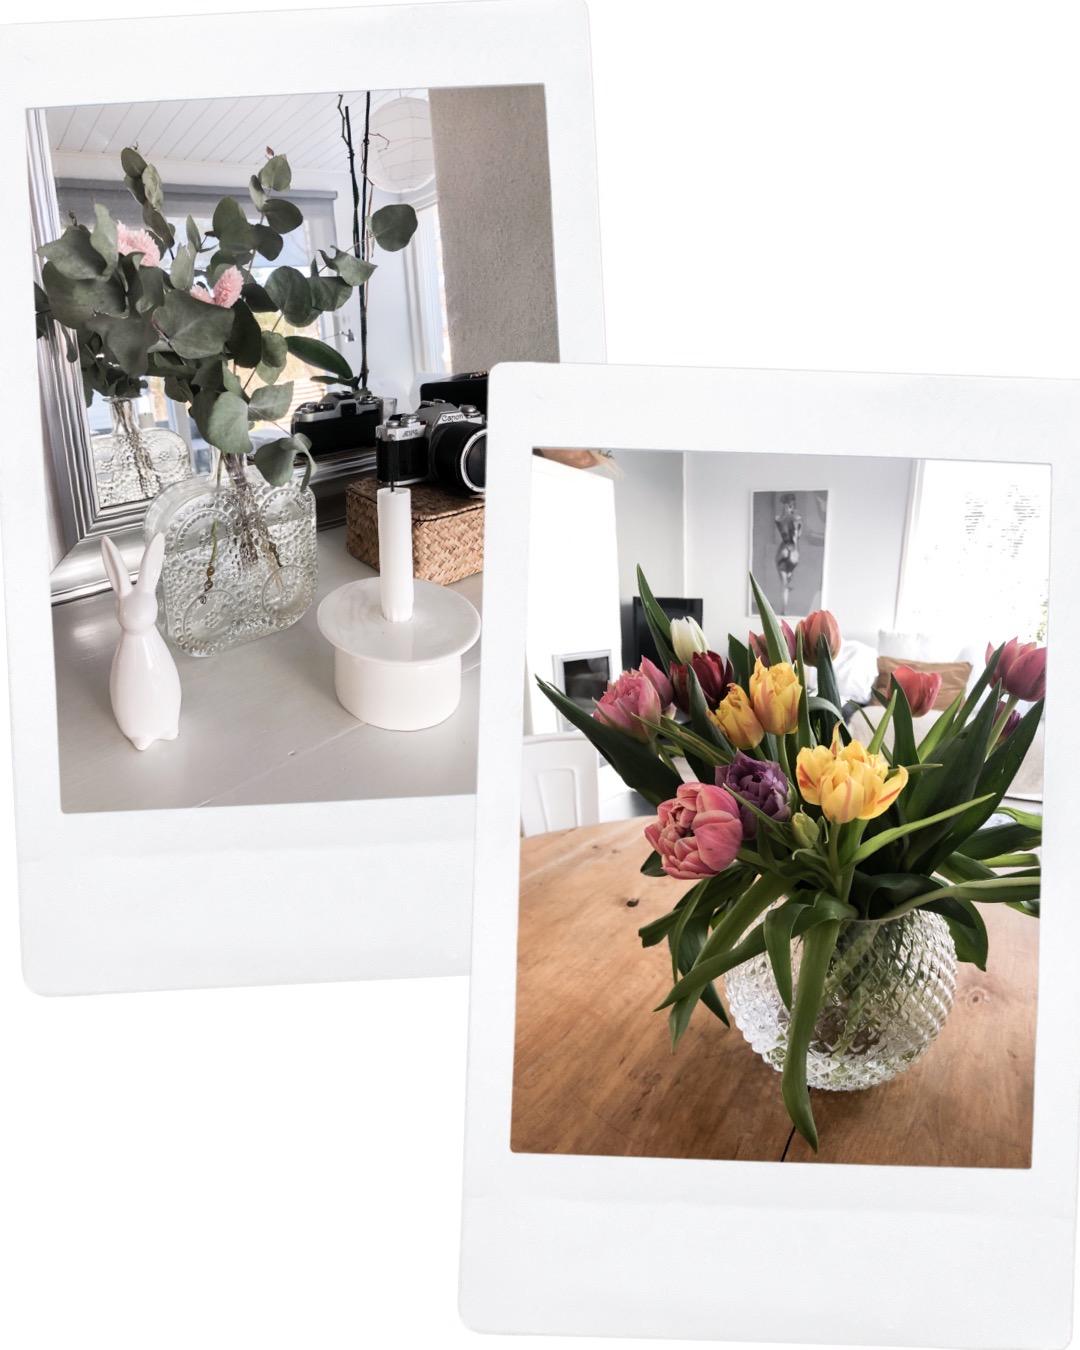 Easter decorations and tulip bouquet - Pääsiäiskoristeet ja tulppaanikimppu